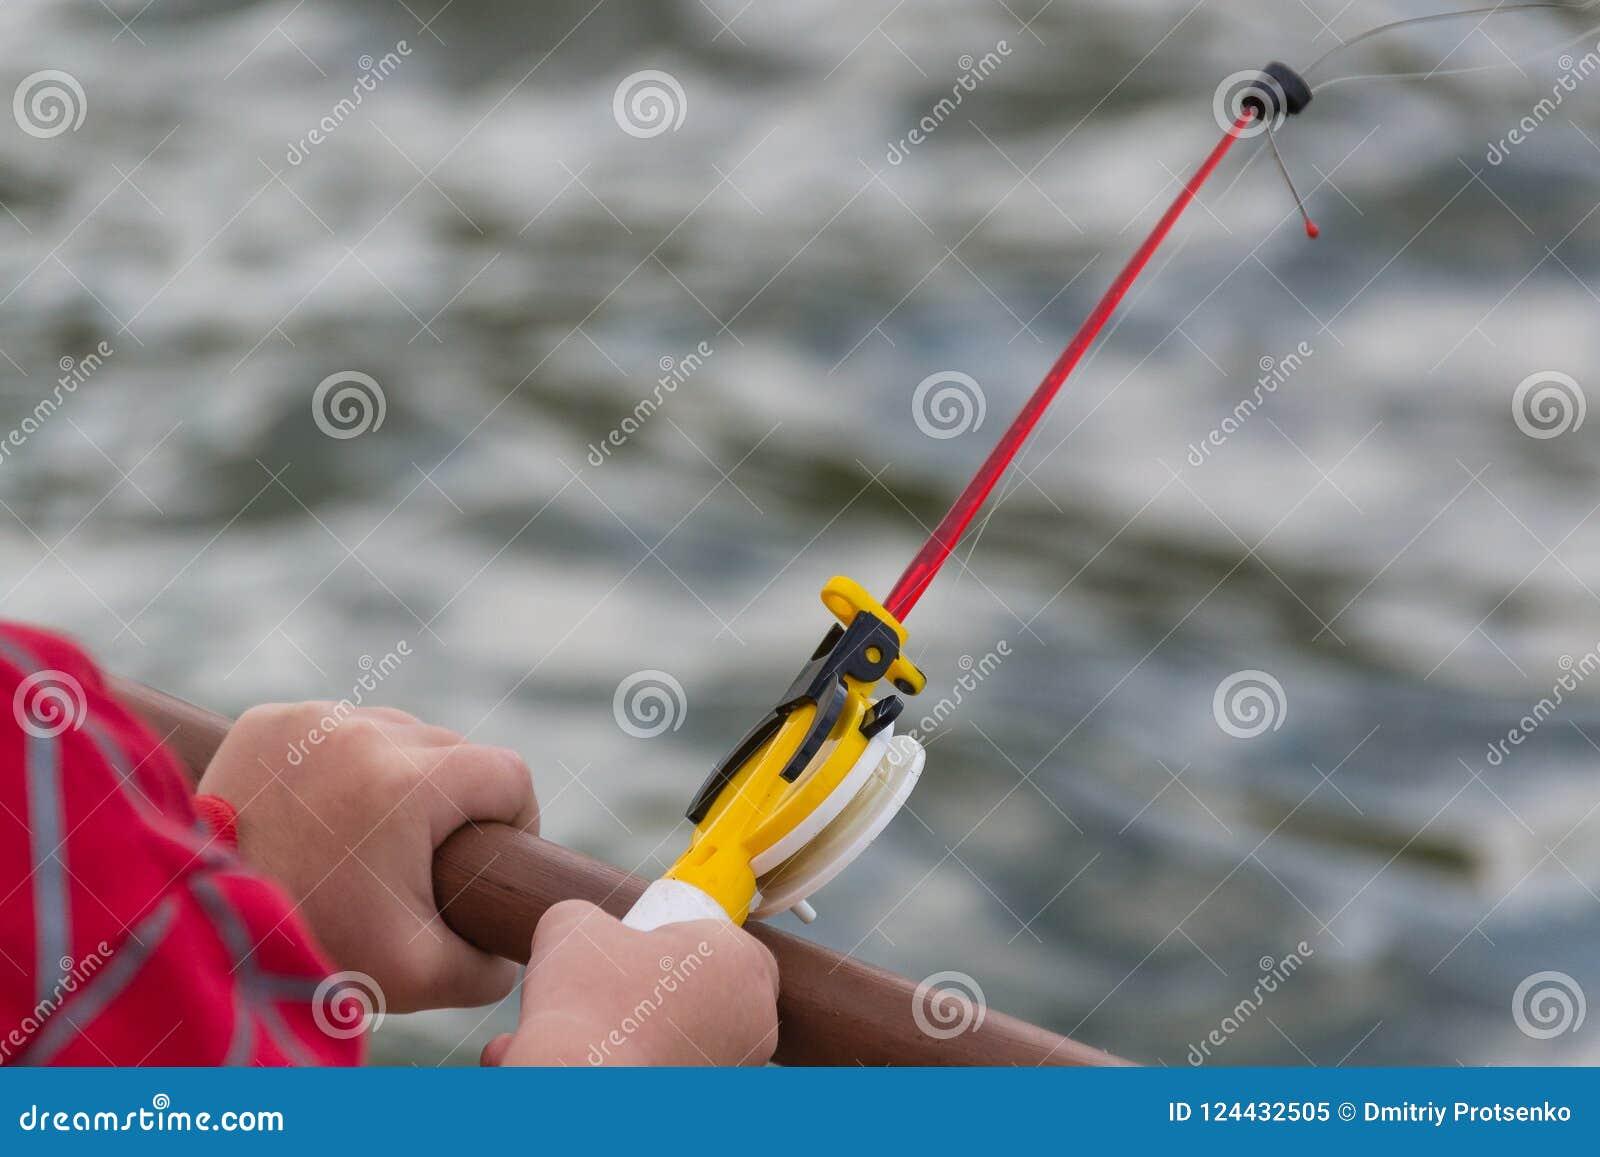 A child`s hand is fishing on a small fishing rod. Ozernaya fishing.